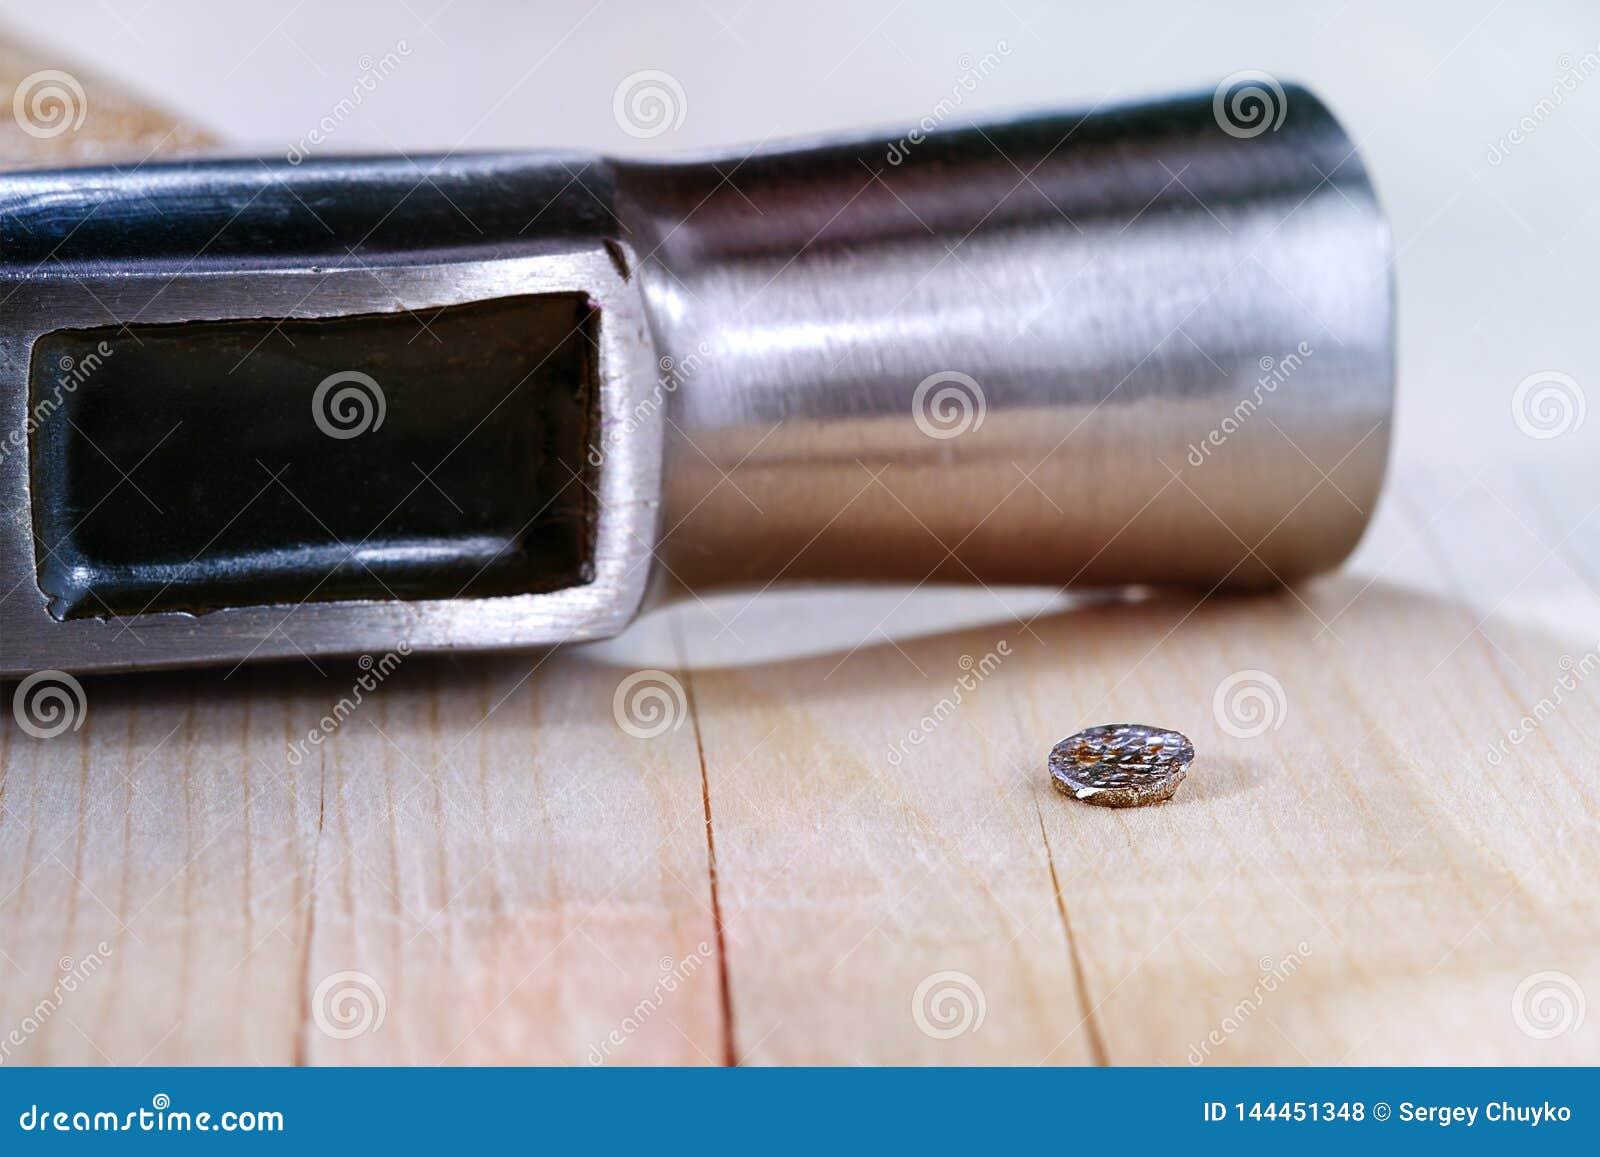 Gehämmerter Nagel und Hammer auf Holzoberfläche